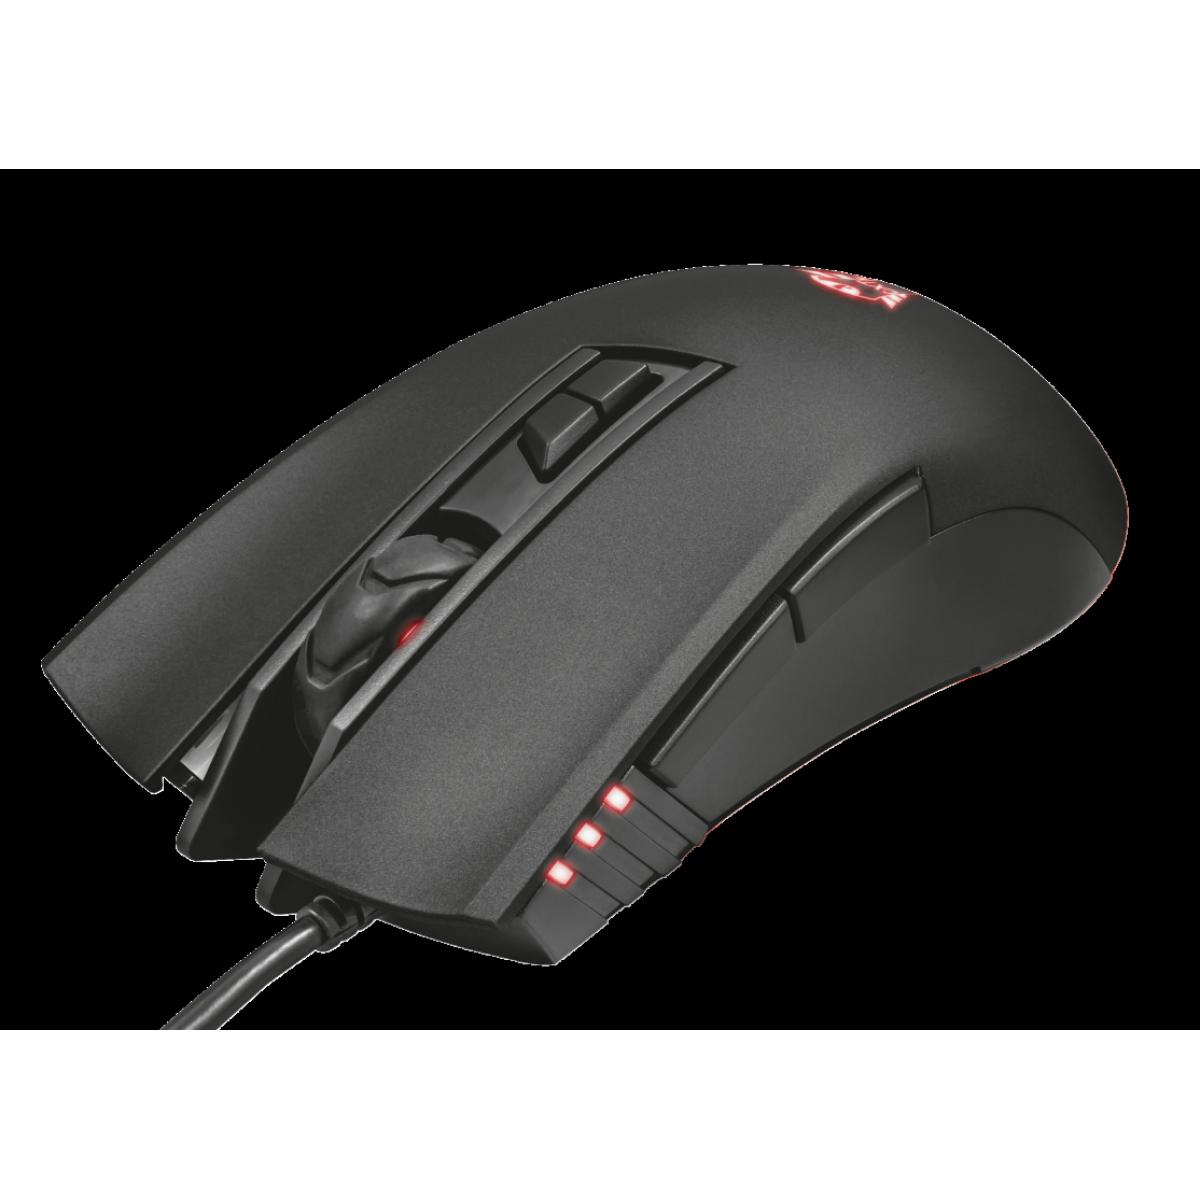 Mouse Gamer Trust  Zeebo LED, 7 botões 3200dpi, GXT121